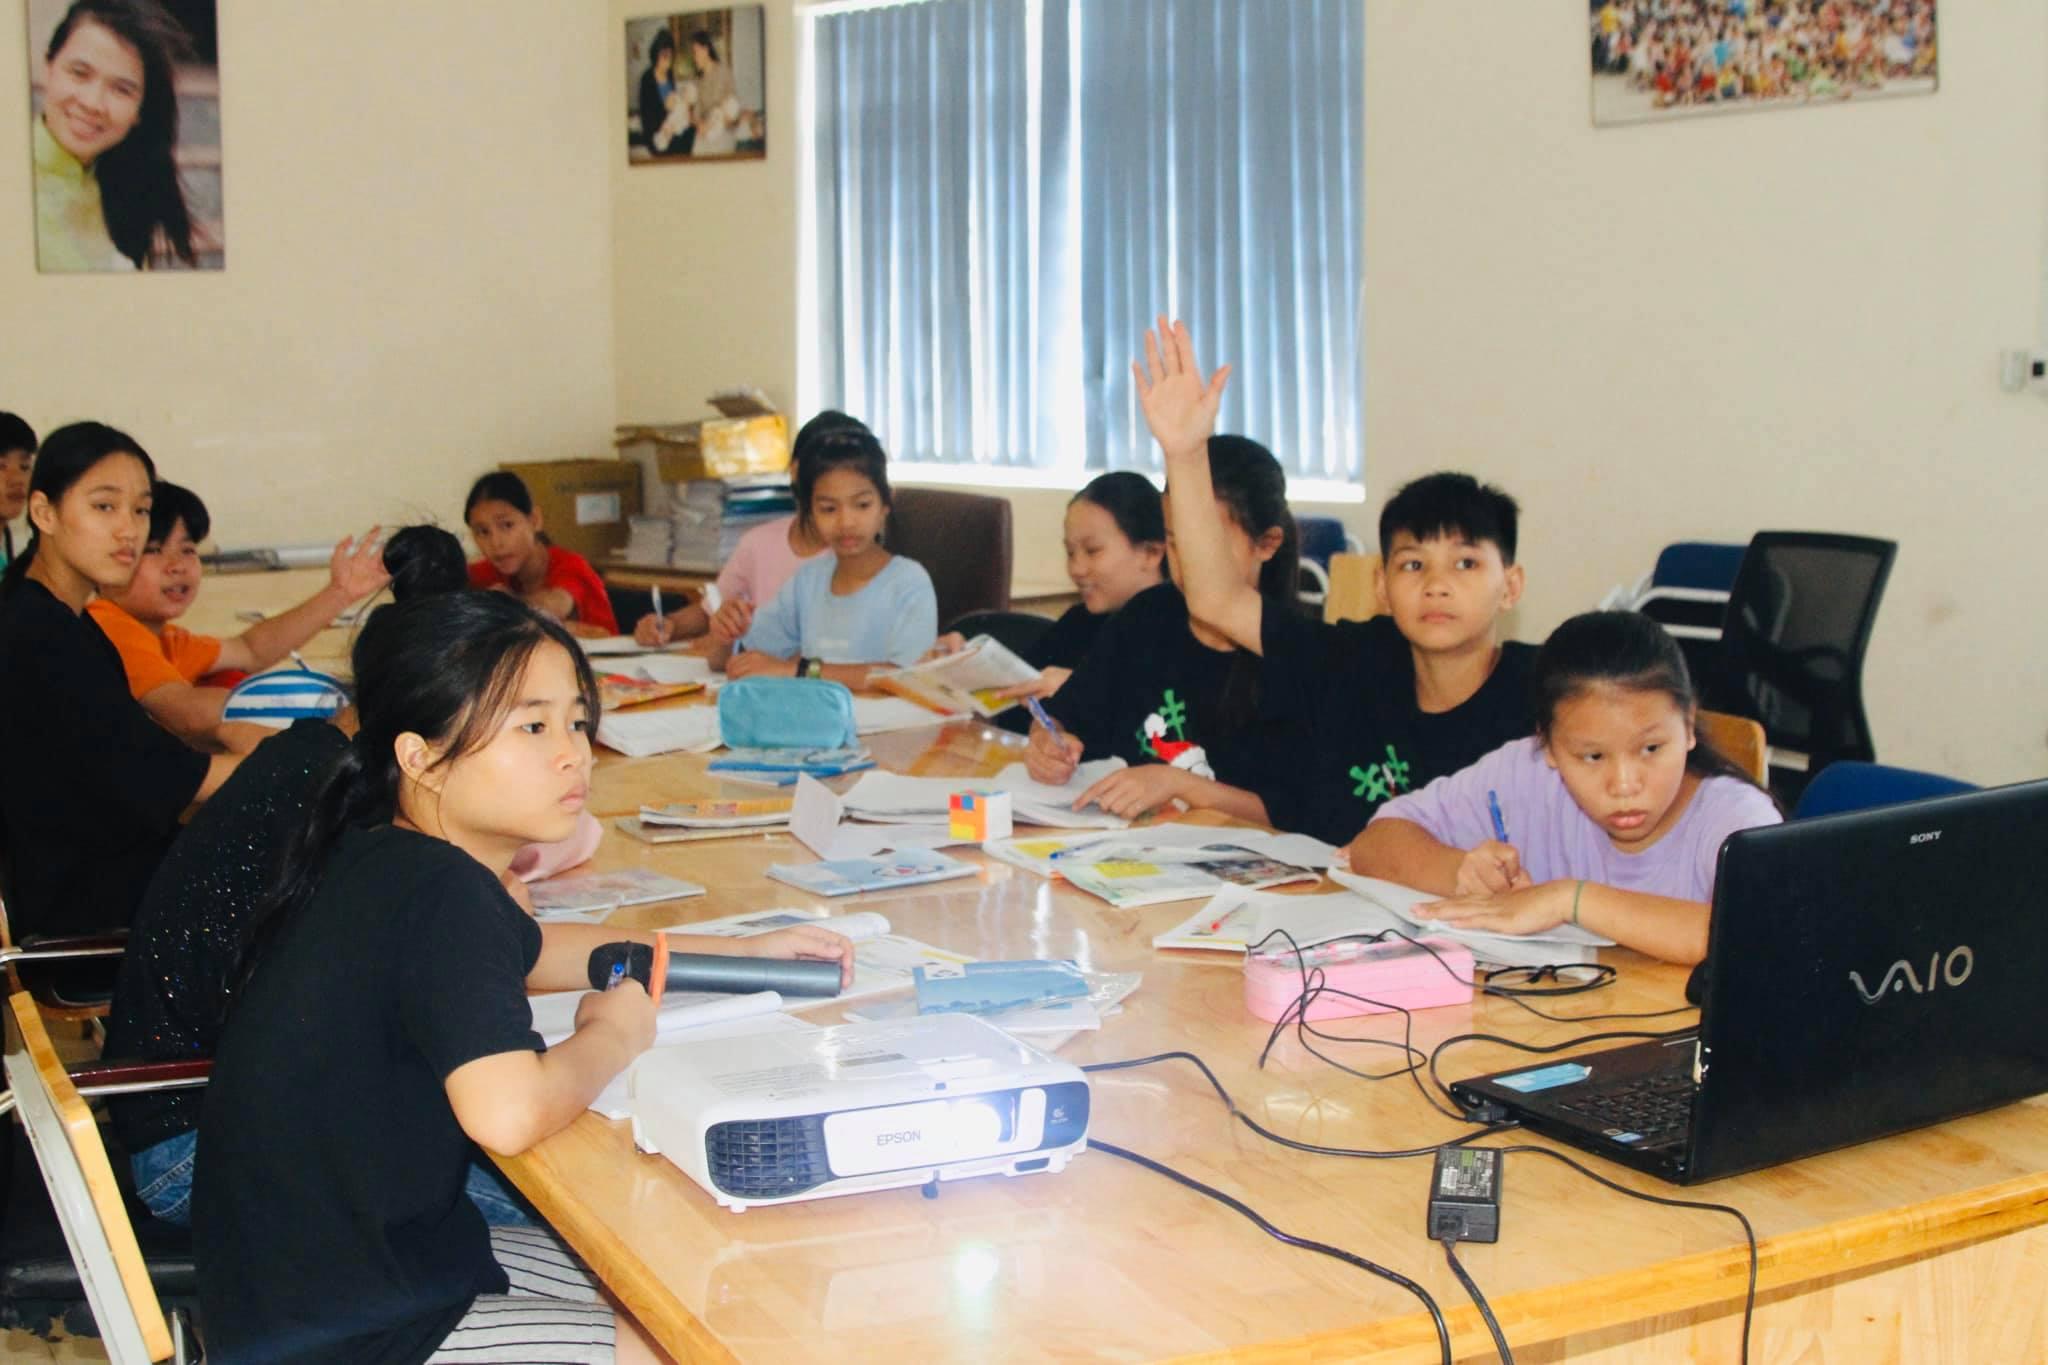 Trong mùa dịch bệnh COVID-19 các bé trong Trung tâm Nhân đạo Quê Hương không thể đến trường, tuy nhiên các bé đã được học tập online ngay tại mái nhà chung của mình bằng những thiết bị mua được từ sự giúp đỡ, sẻ chia của Sư Phụ Thích Trúc Thái Minh